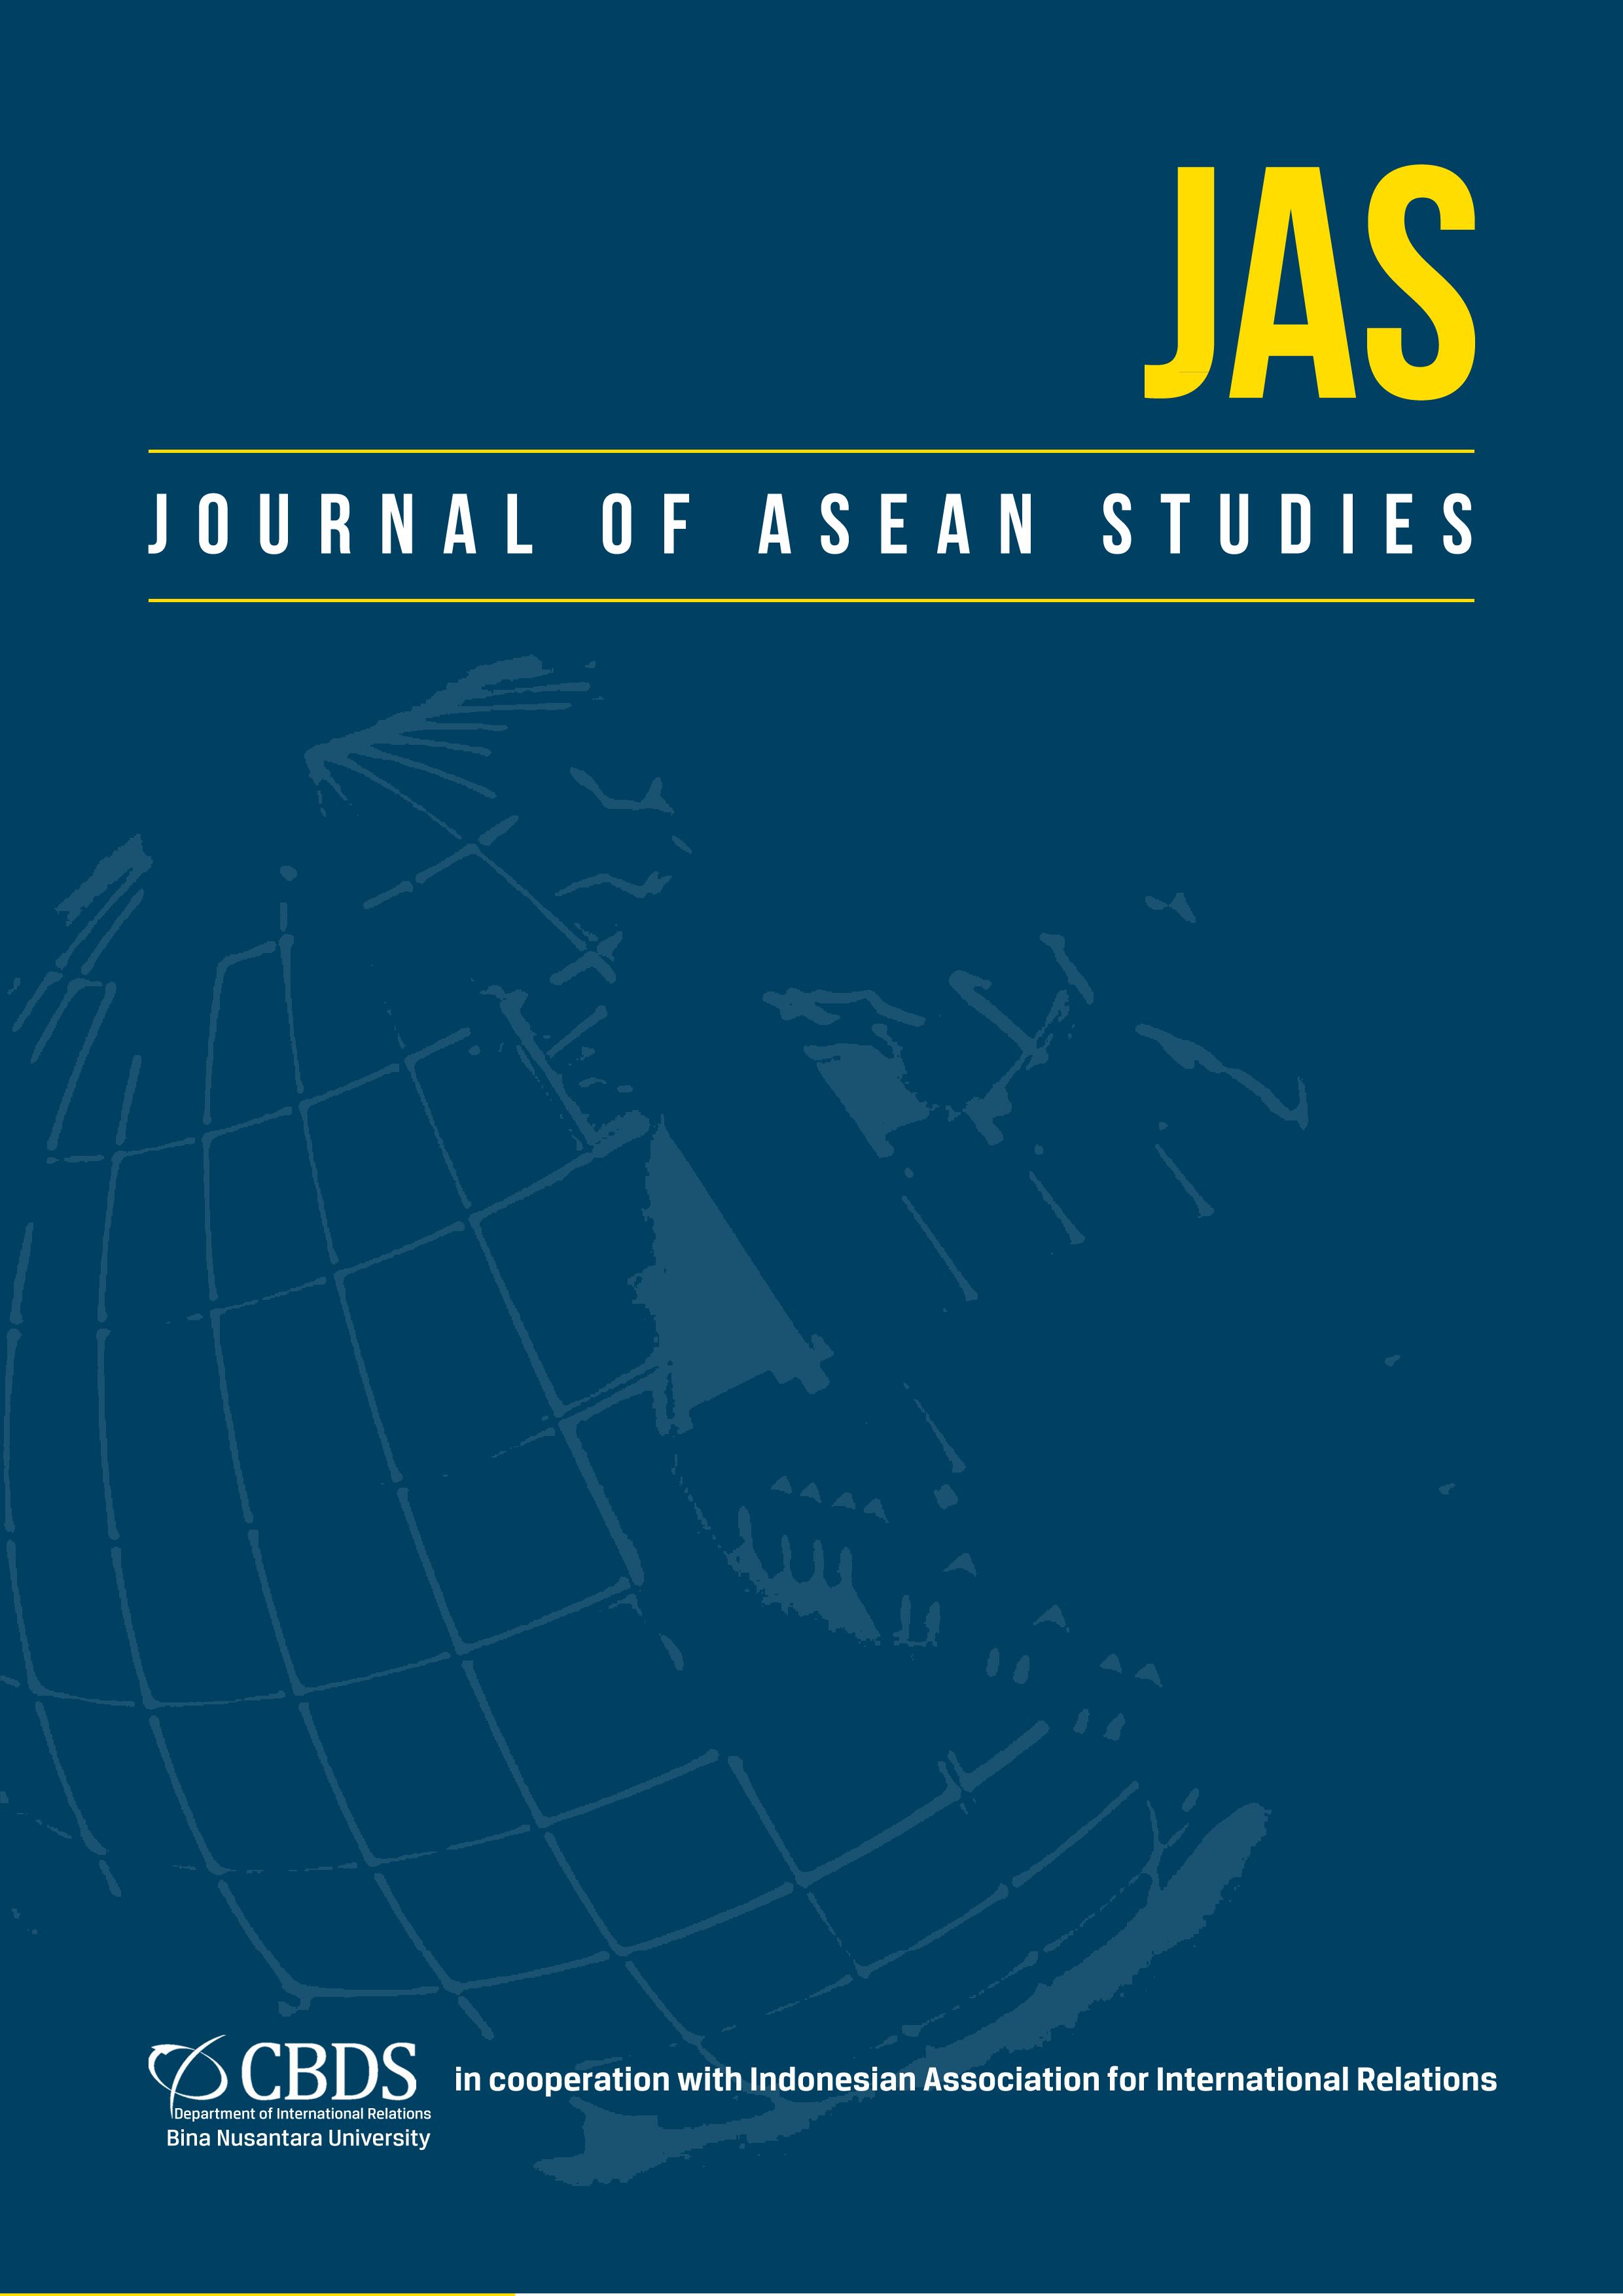 Journal of ASEAN Studies